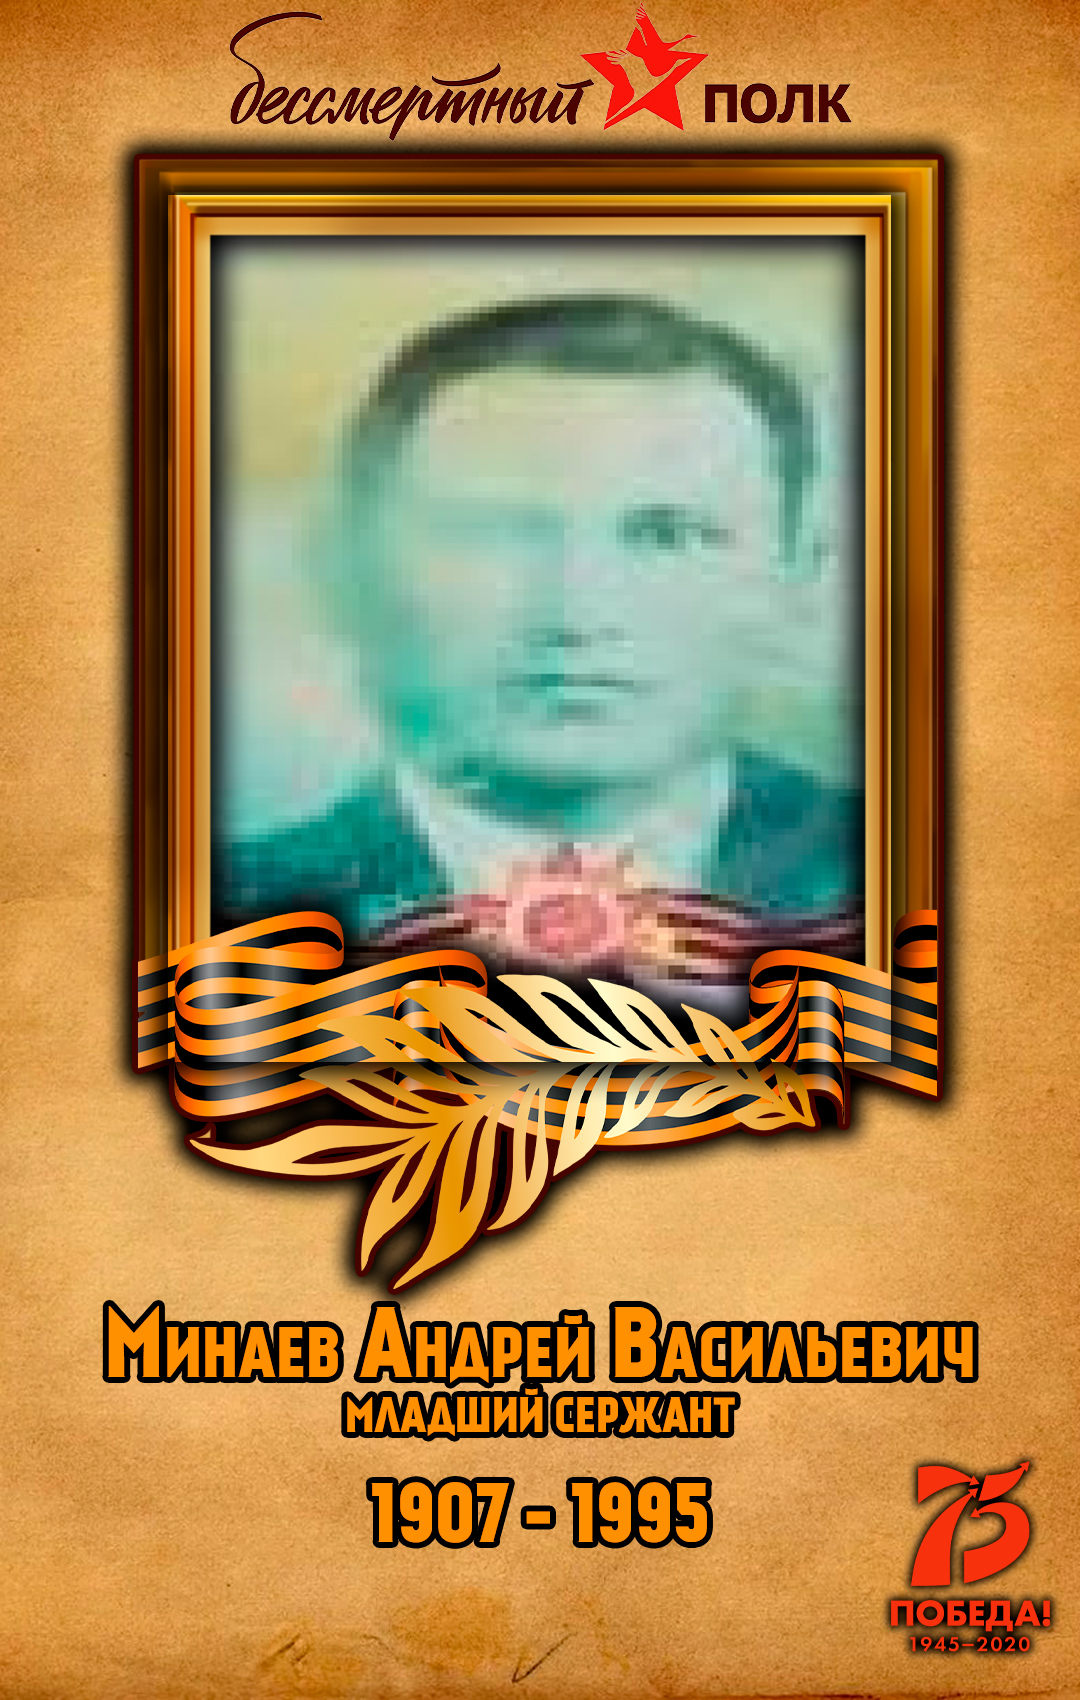 Минаев-Андрей-Васильевич